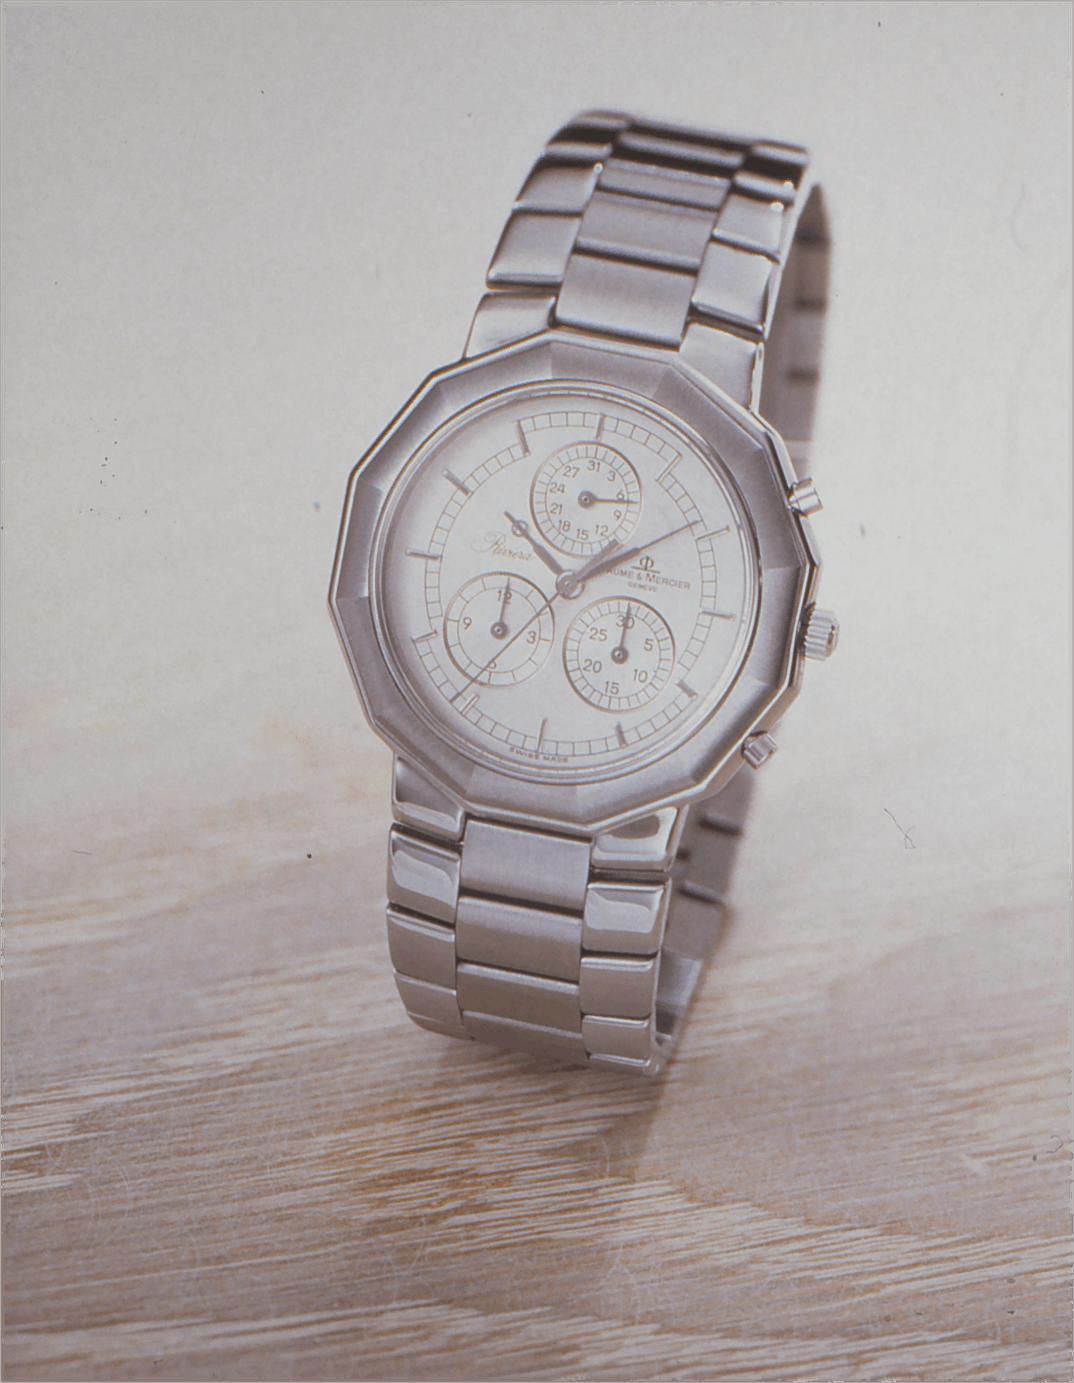 Baume & Mercier Quarz-Chronograph mit einem Kaliber von Piaget